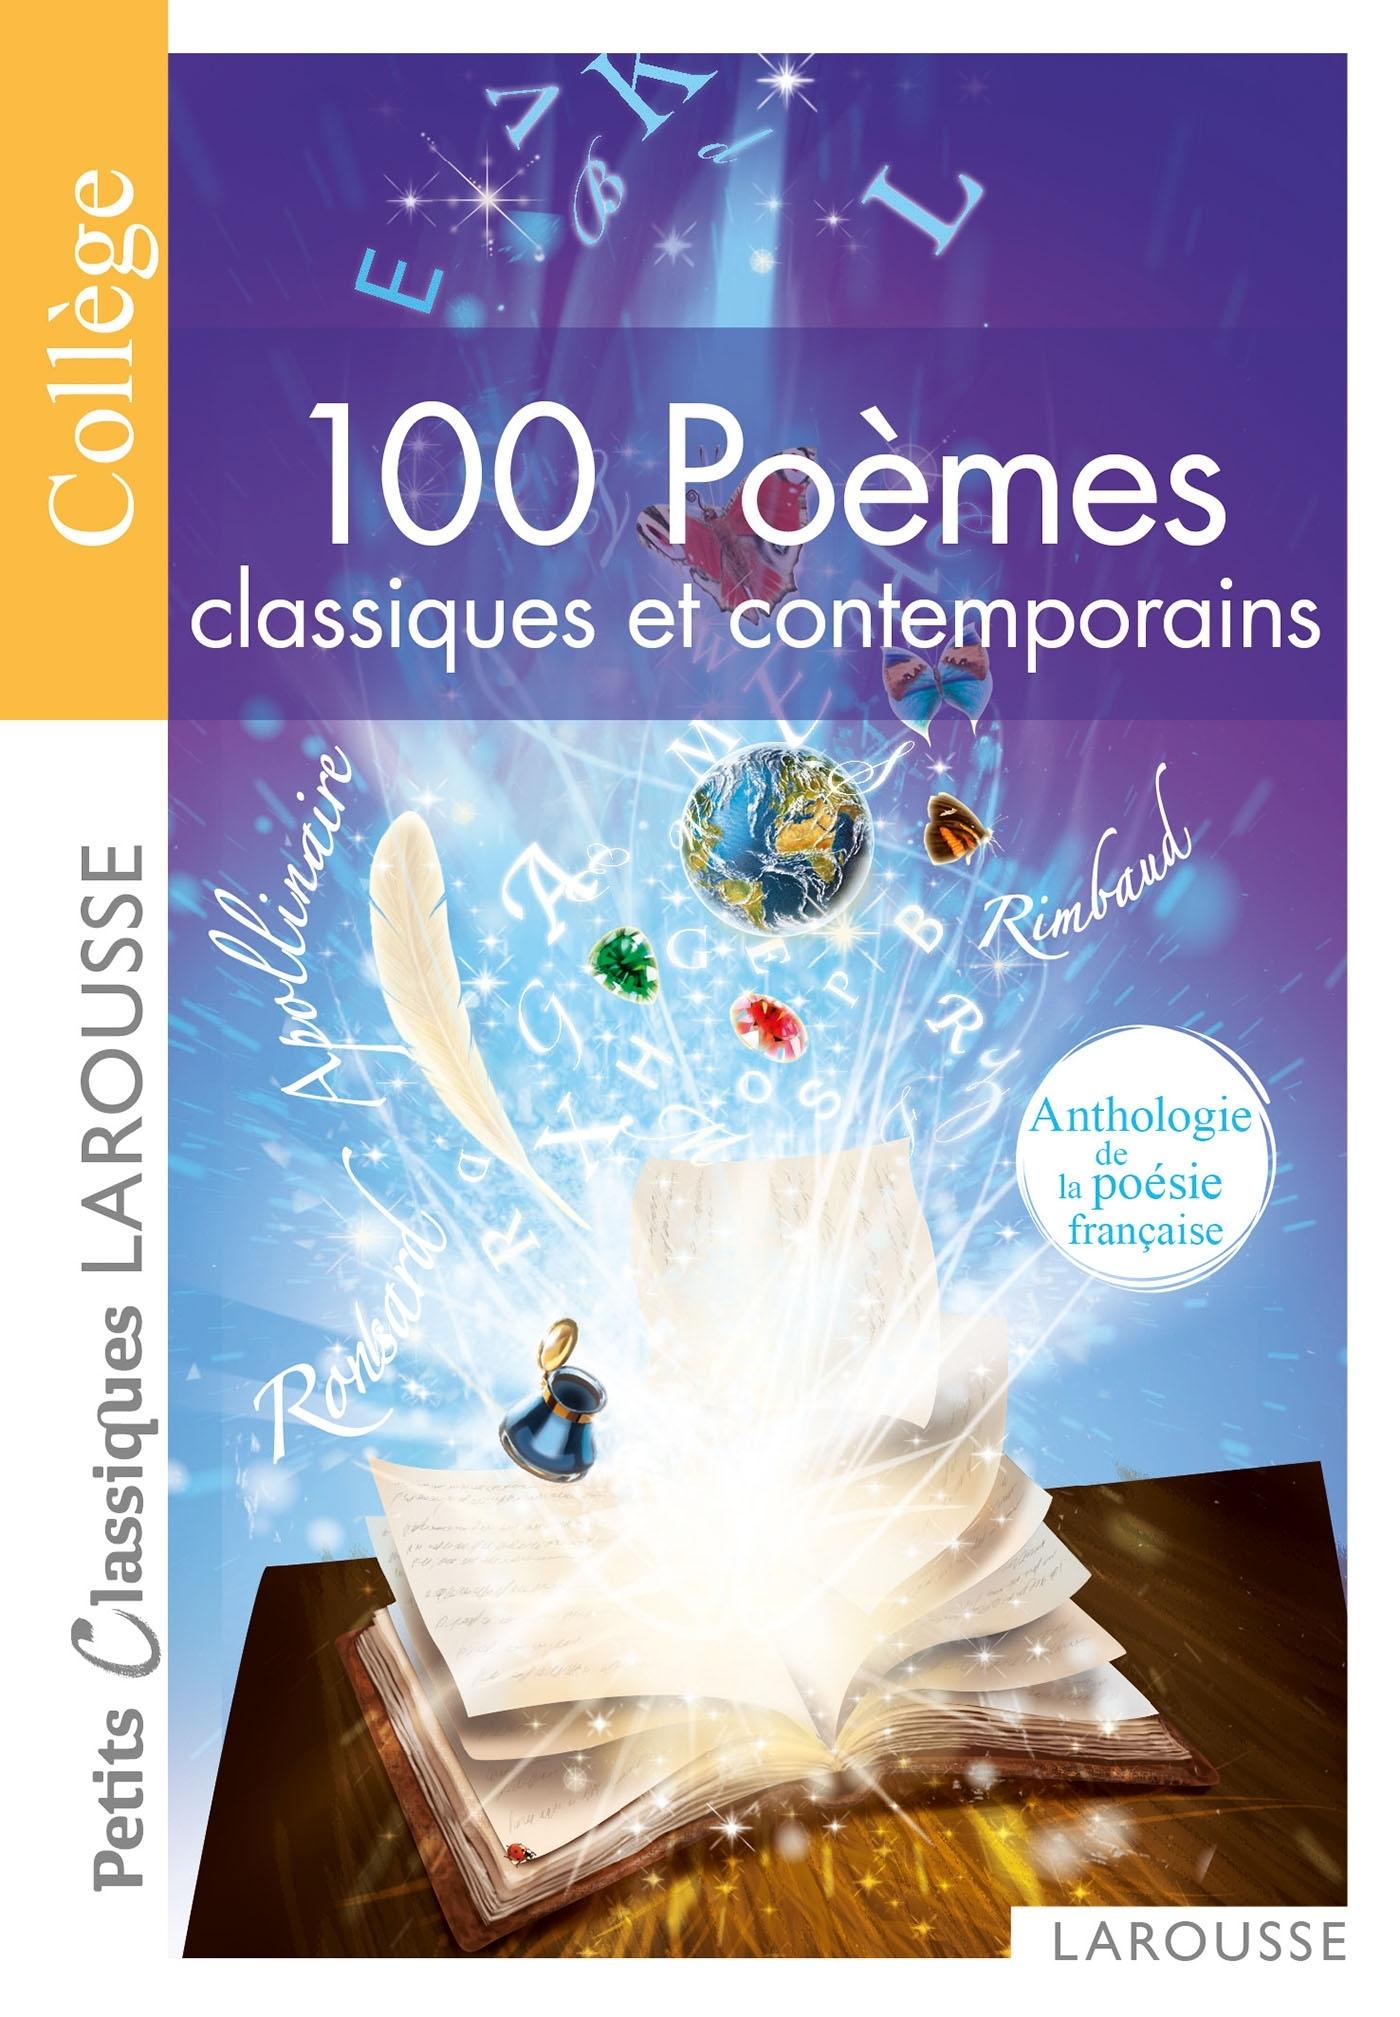 100 POEMES CLASSIQUES ET CONTEMPORAINS -ANTHOLOGIE DE LA POESIE FRANCAISE